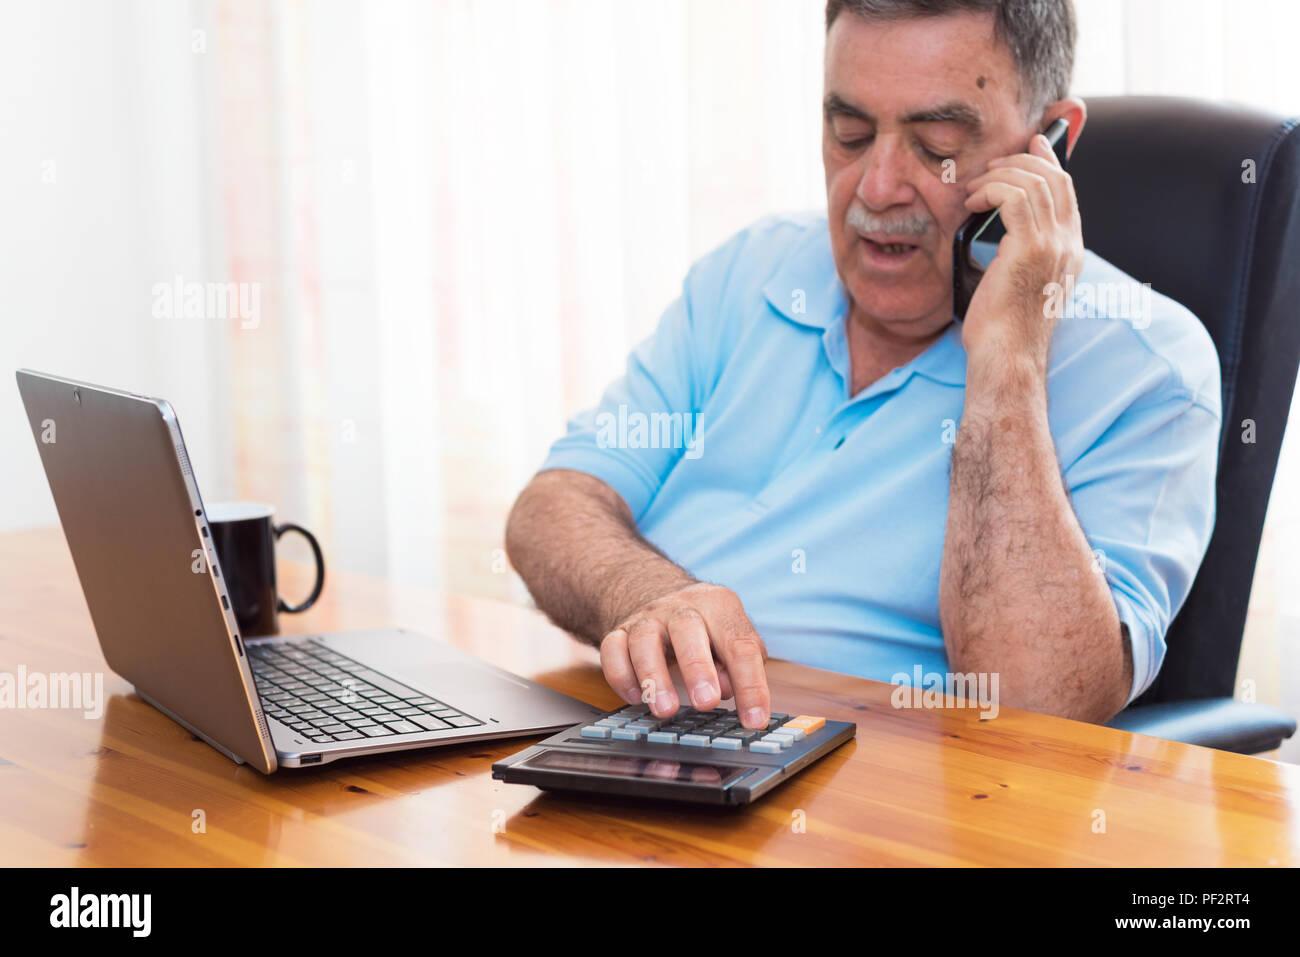 Der Mensch seine Buchhaltung, Finanzberater. Stockfoto